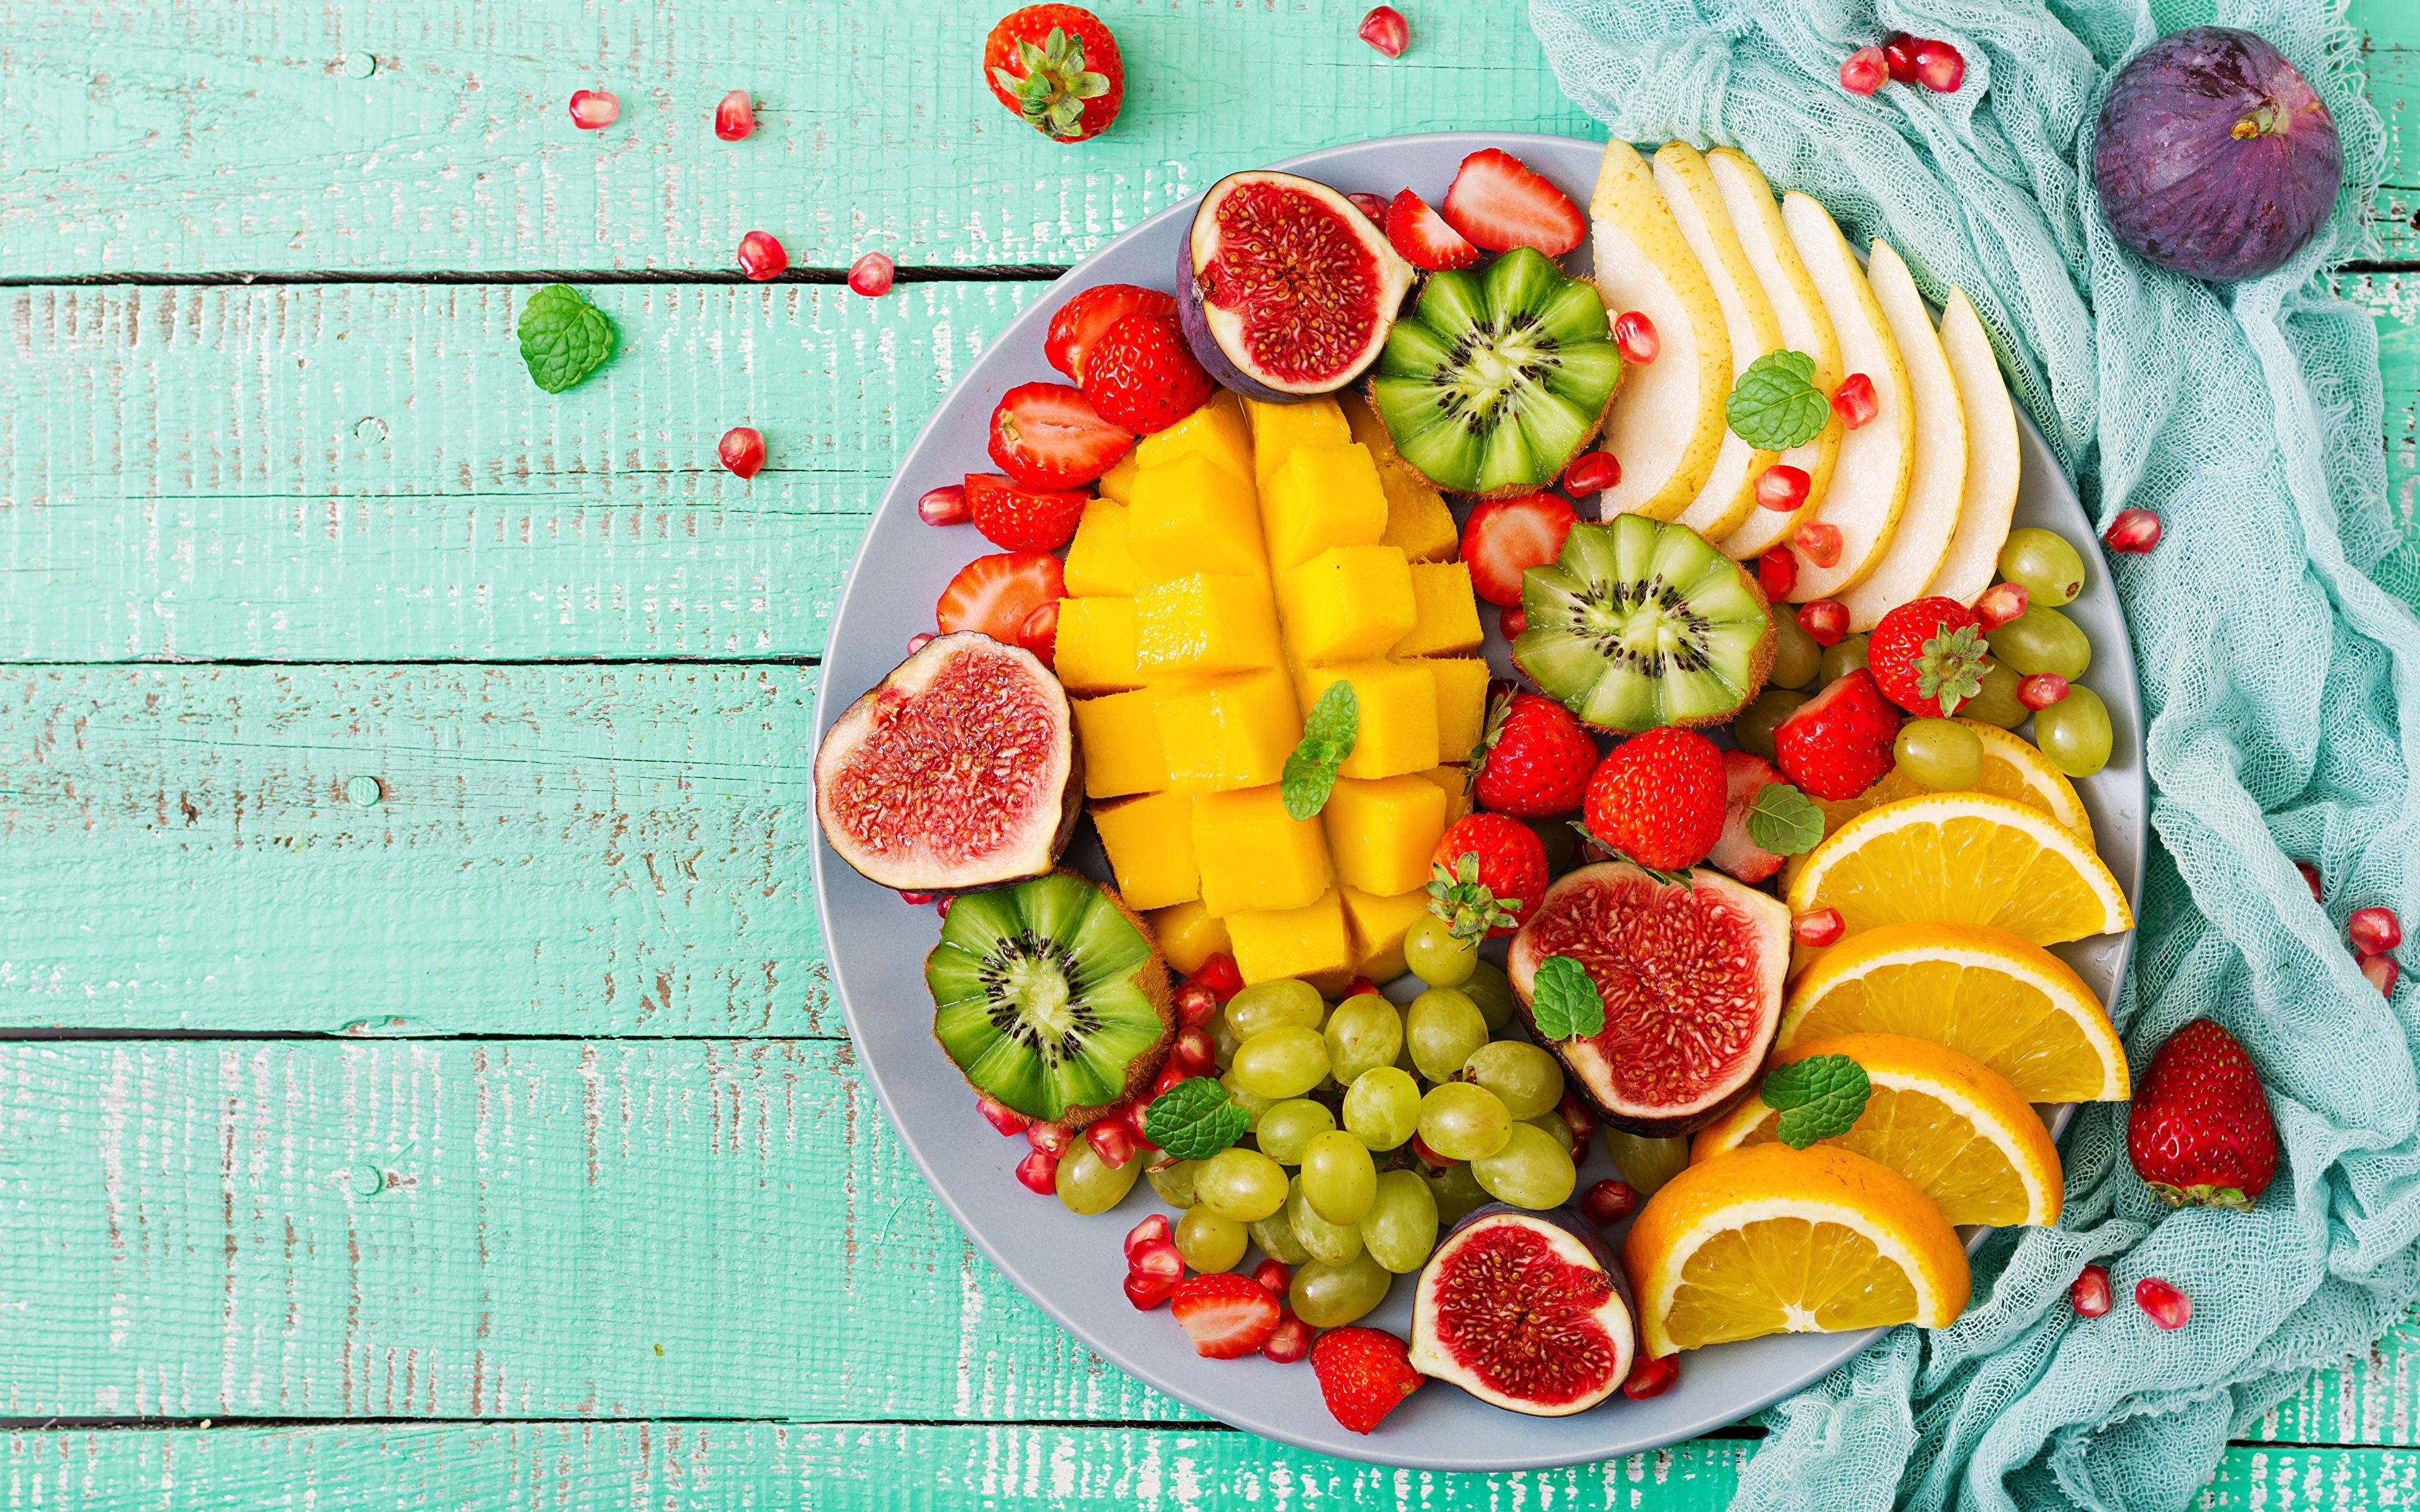 Фотография Манго Инжир Апельсин Киви Фрукты Продукты питания 3840x2400 Еда Пища